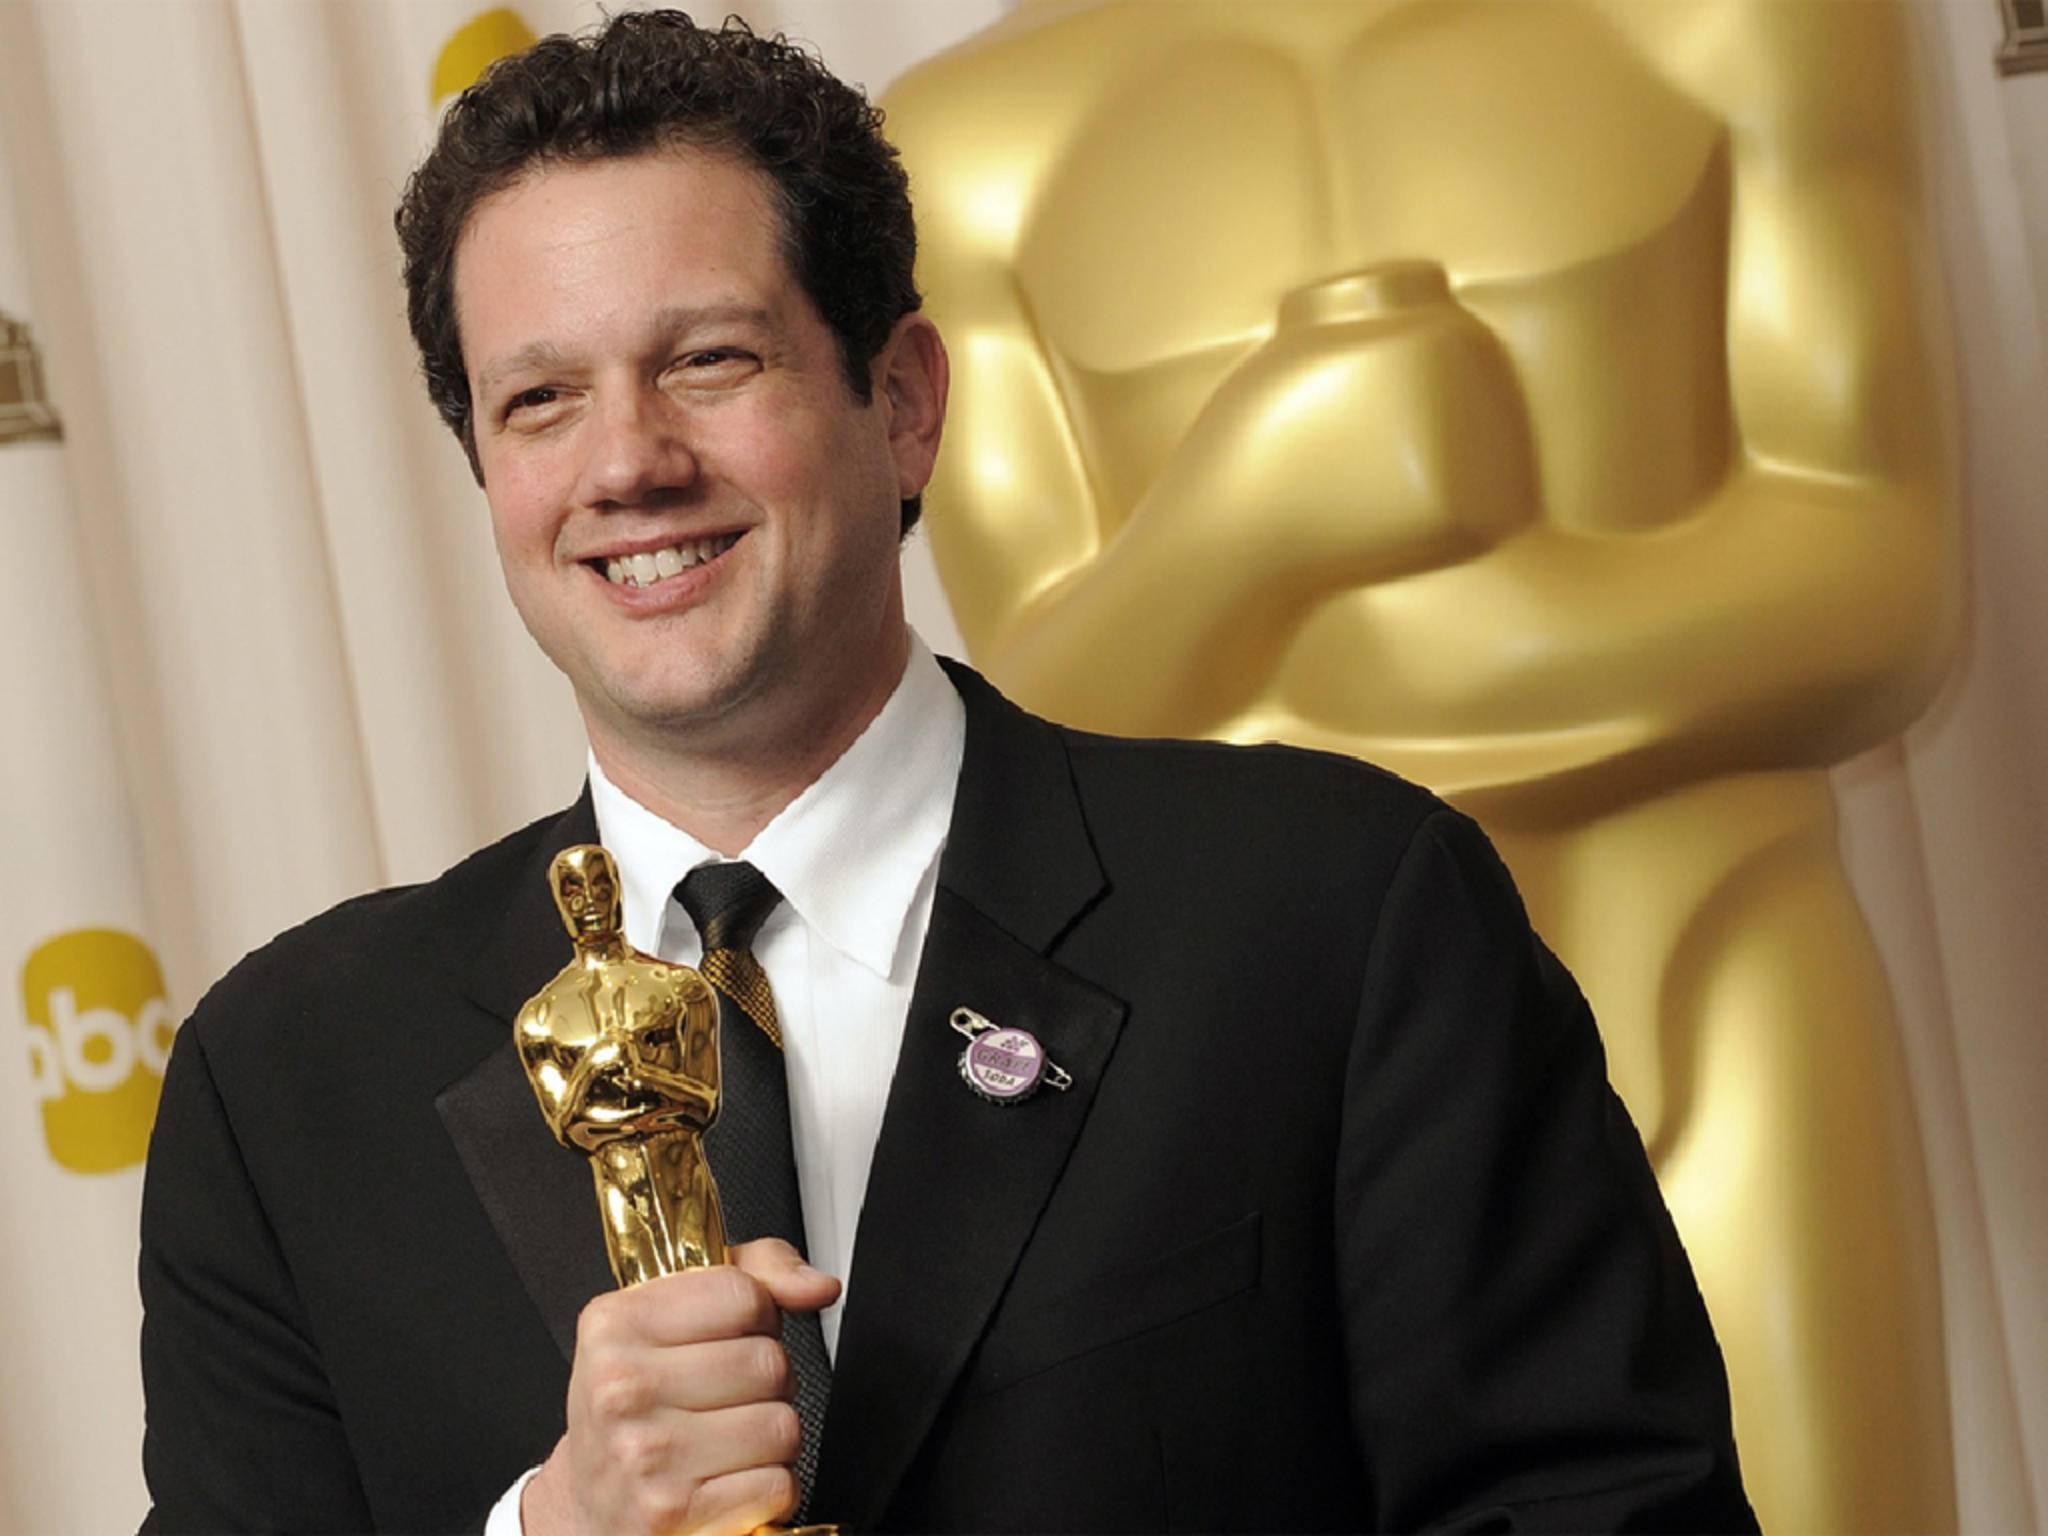 """Oscarpreisträger Michael Giacchino springt als Soundtrack-Komponist bei """"Star Wars: Rogue One"""" ein."""